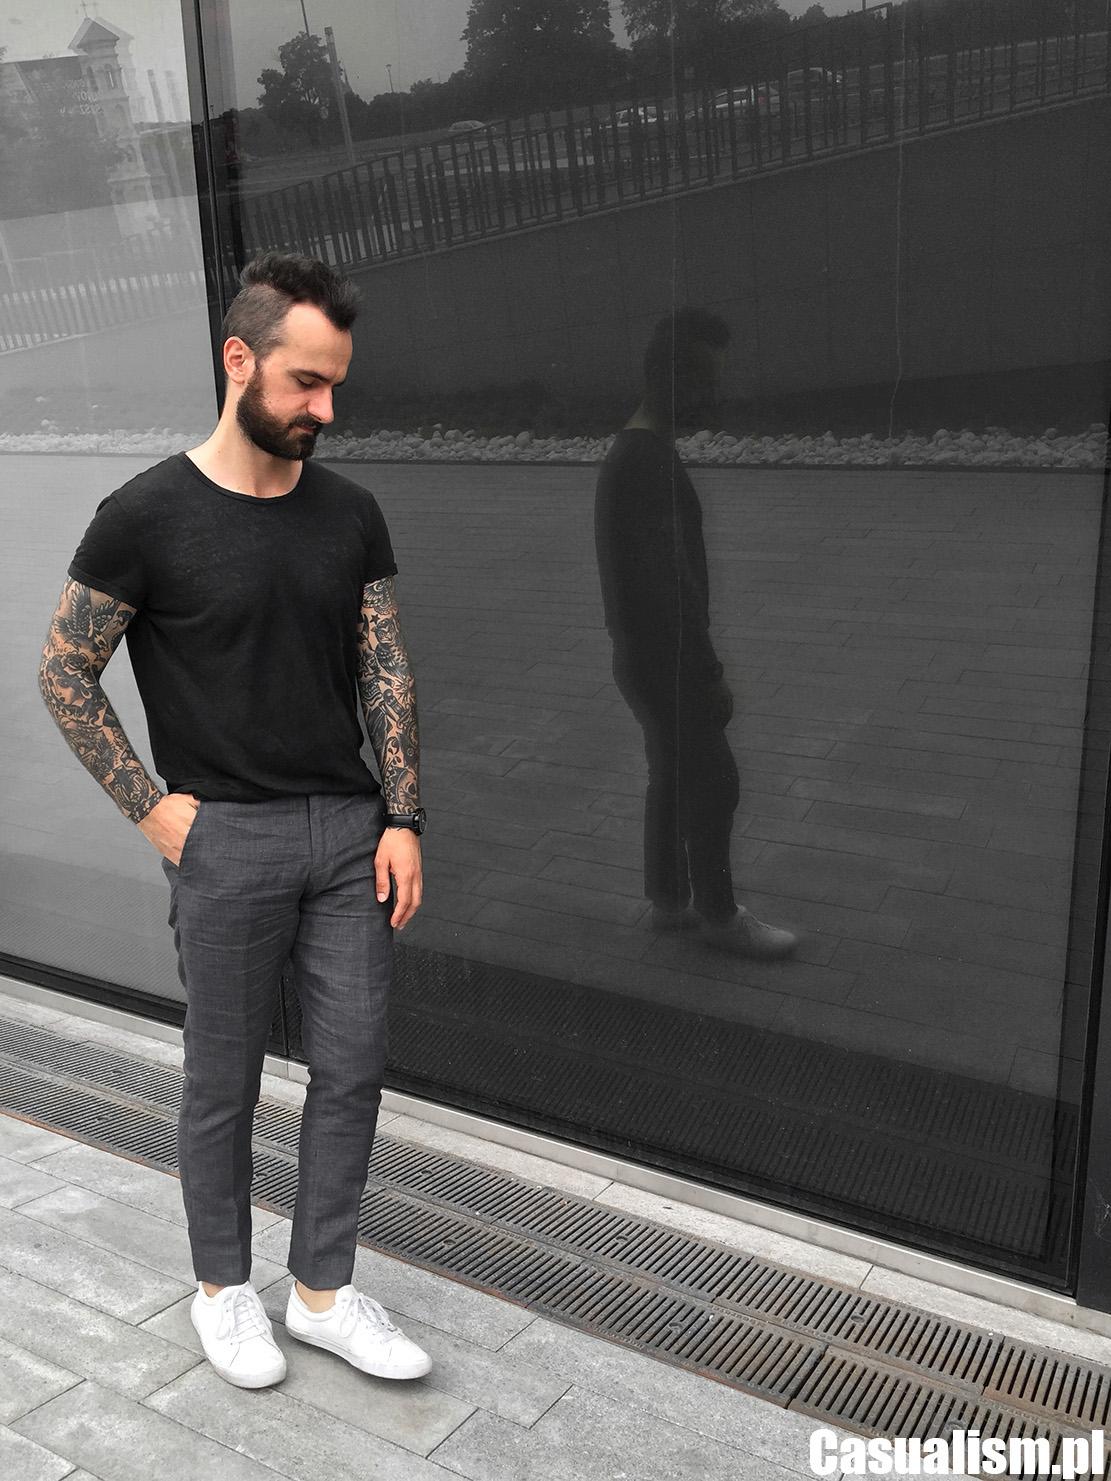 Koszulka lniana męska, męska koszulka z lnu, czarna koszulka męska, jak nosić koszulkę, spodnie w kant casual, spodnie kanty lniane, spodnie w kant lniane